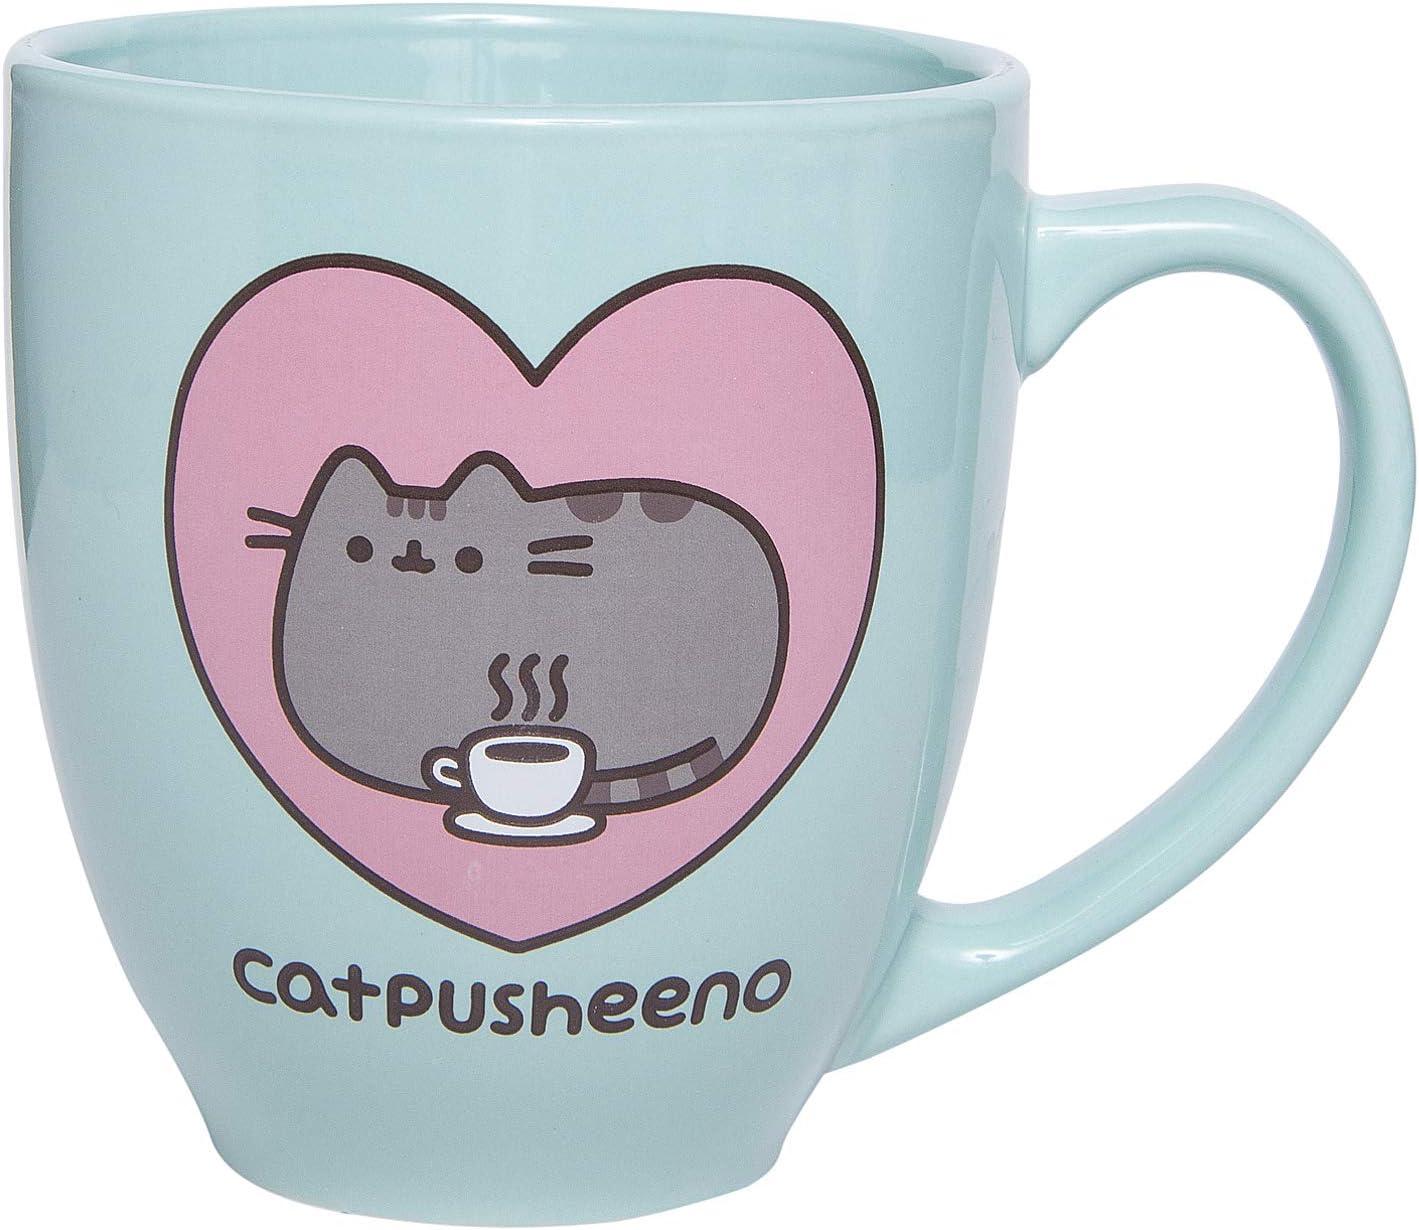 Pusheen Cat 18 oz Mug - Heart Catpusheeno Cup (Mint)